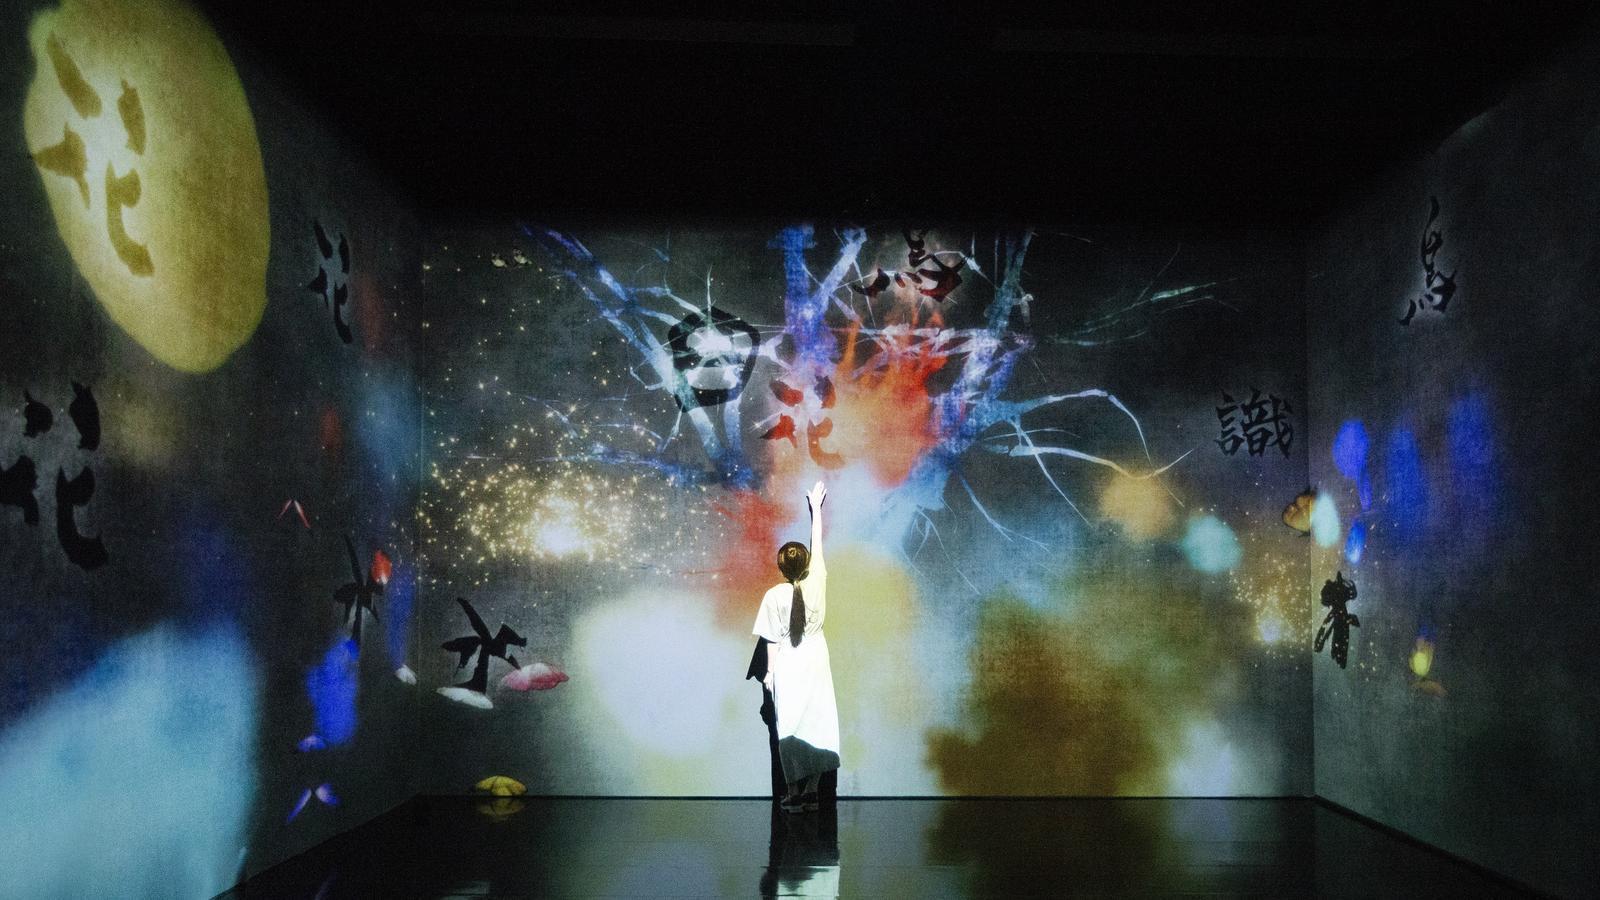 Les obres del col·lectiu japonès teamLab es transformen amb la intervenció del públic